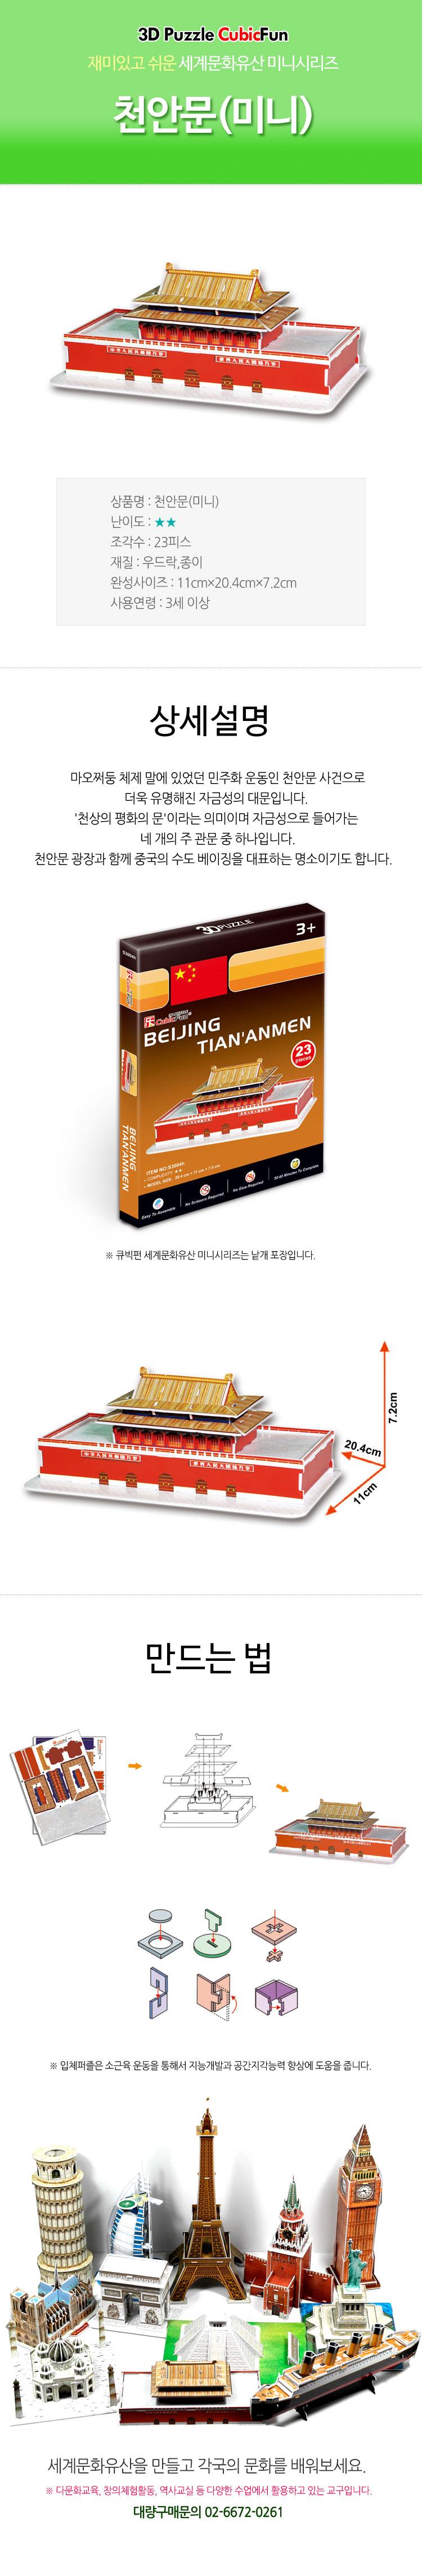 세계유명건축물 입체퍼즐 천안문 미니 - 큐빅펀, 3,500원, 조각/퍼즐, 3D입체퍼즐